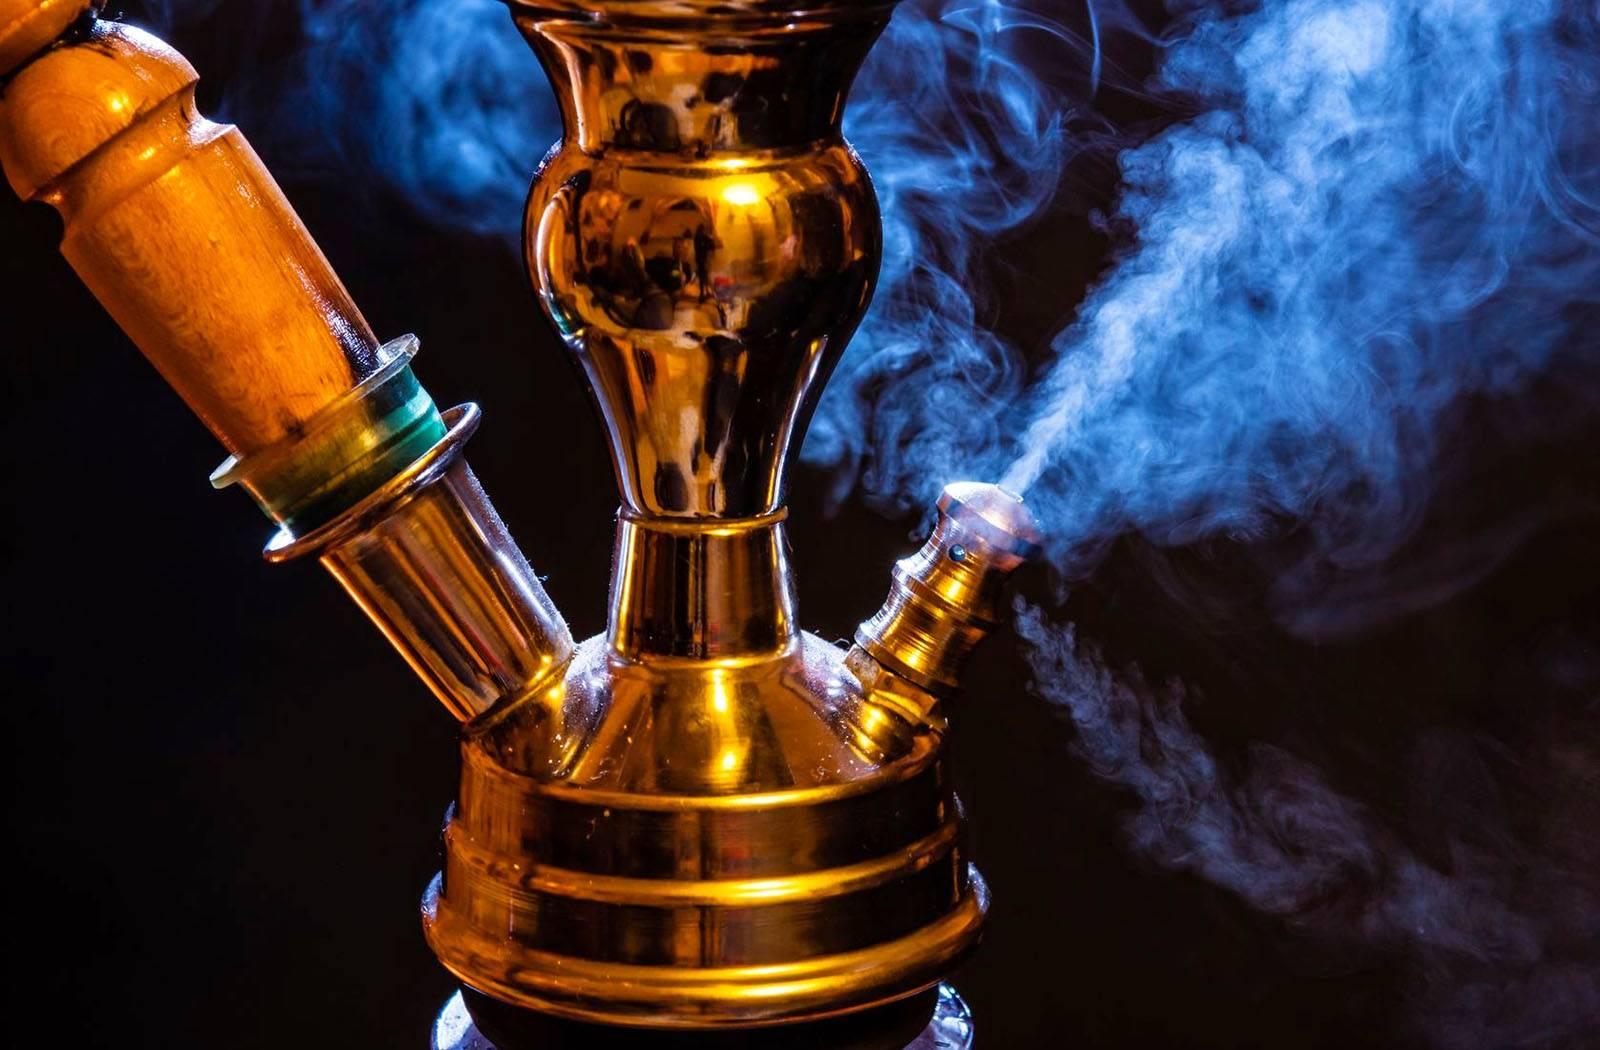 Вредно или нет курение кальяна